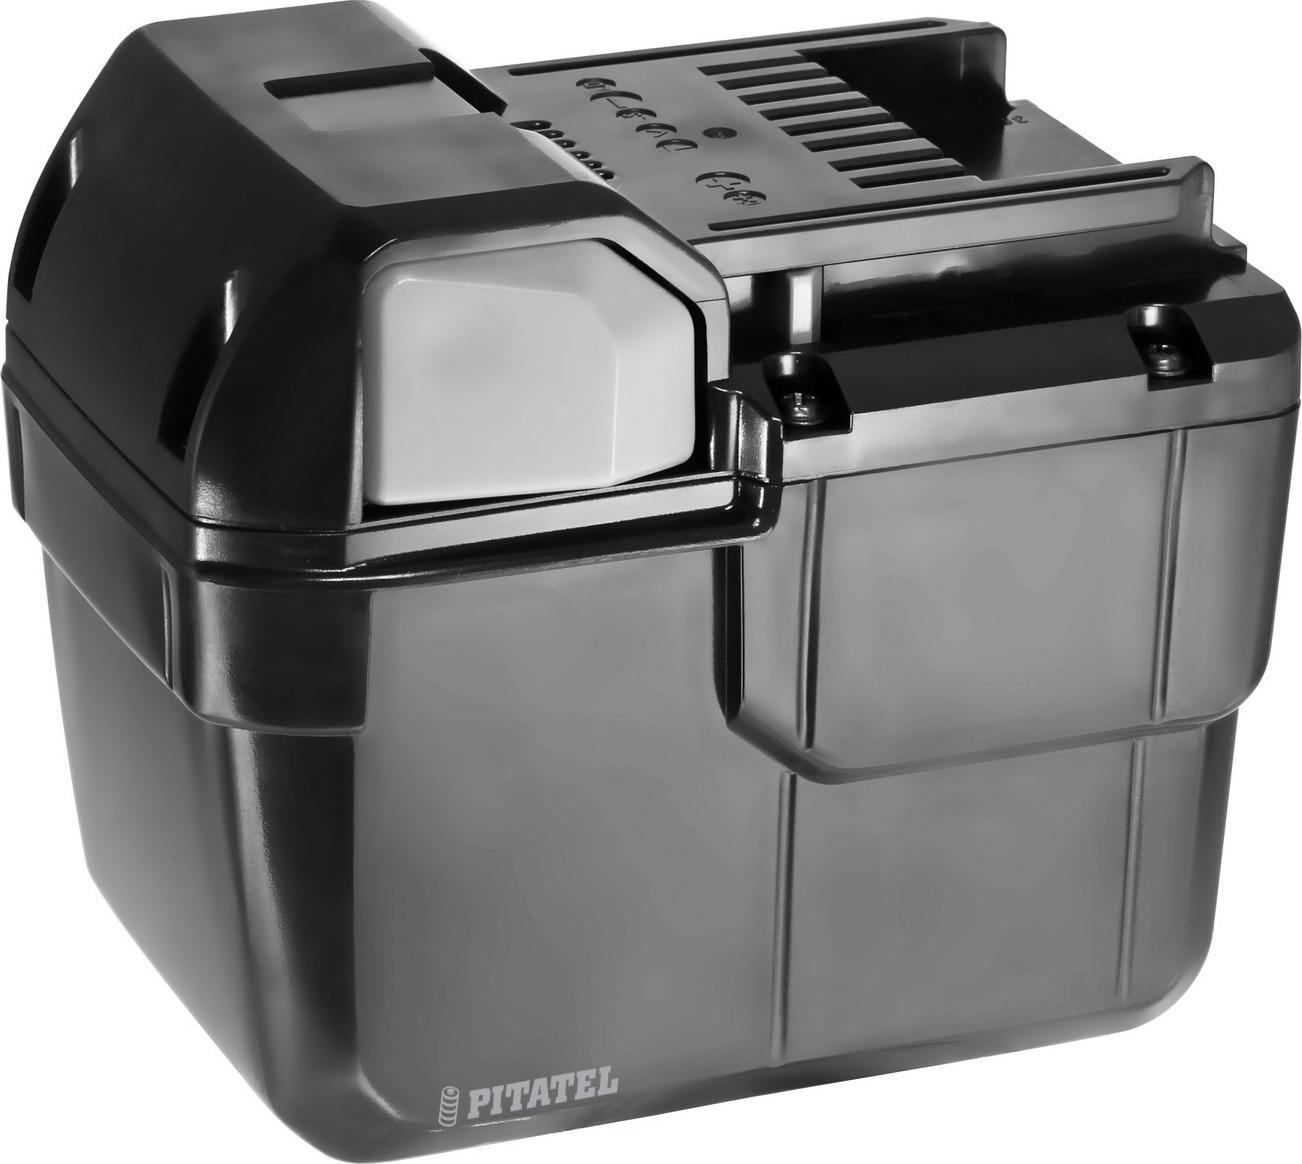 Фото - Аккумулятор для инструмента HITACHI Pitatel TSB-146-HIT36-30L, черный двухкамерный холодильник hitachi r vg 472 pu3 gbw